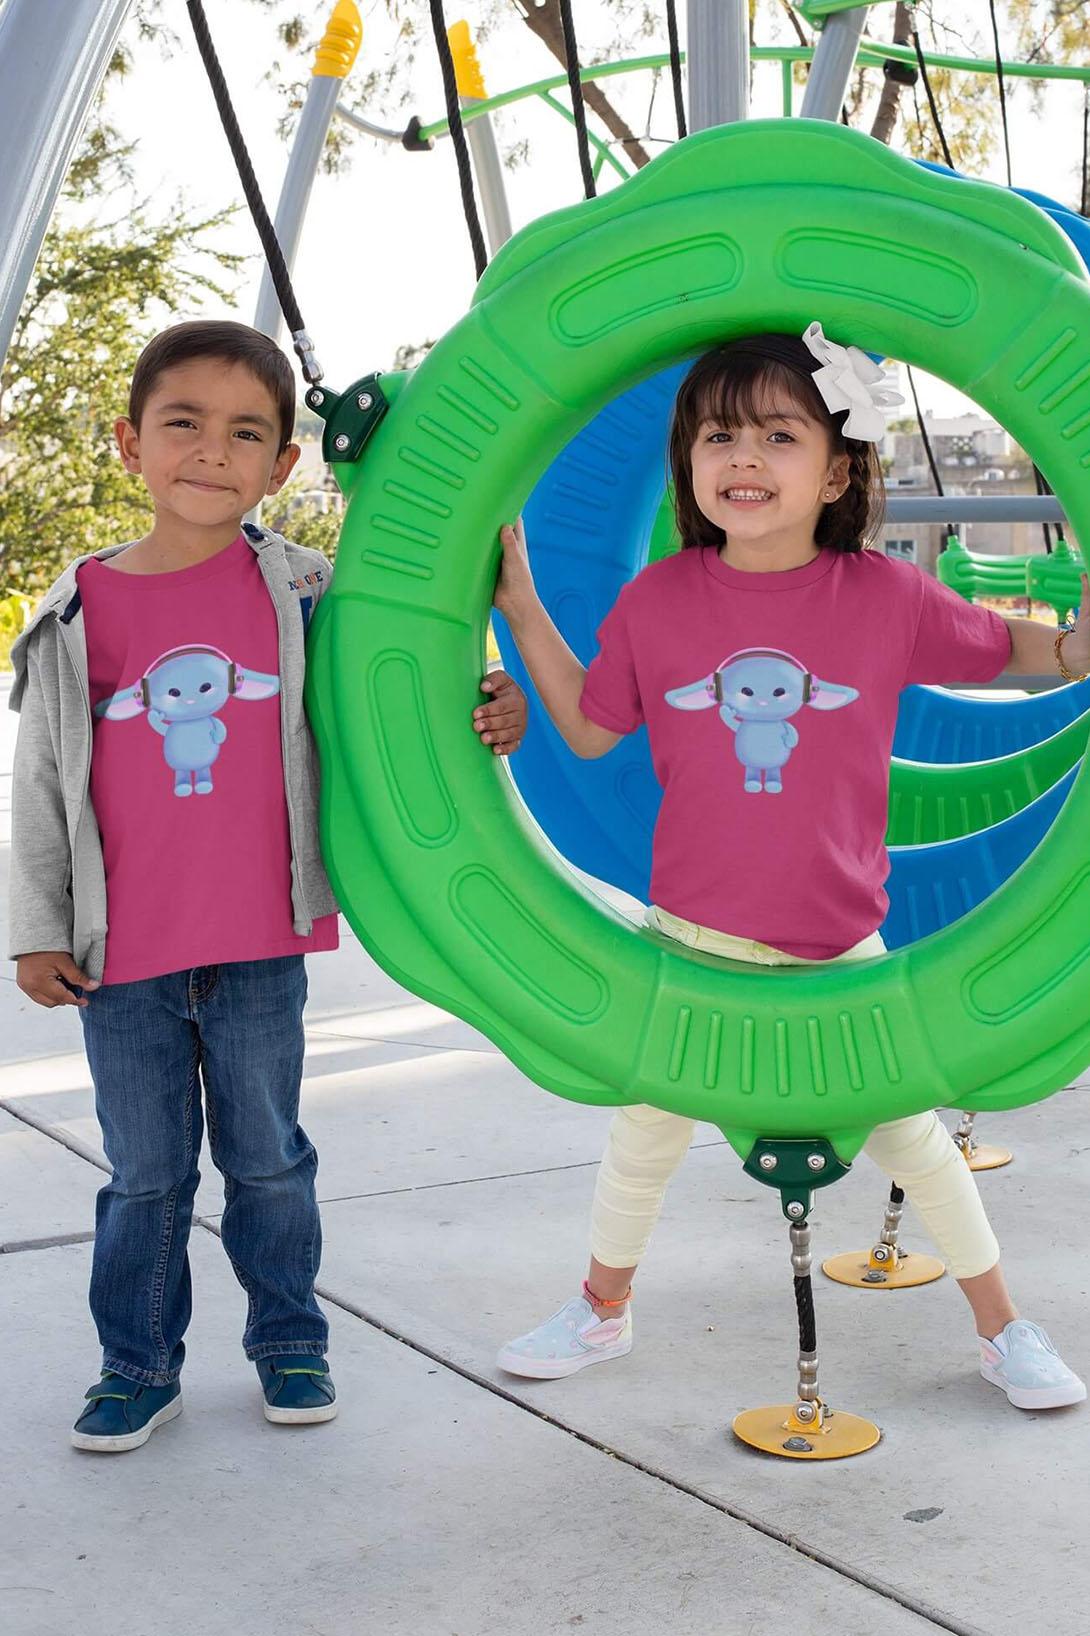 MMO Detské tričko Zajac so slúchadlami Vyberte farbu:: Denim, Detská veľkosť: 146/10 rokov